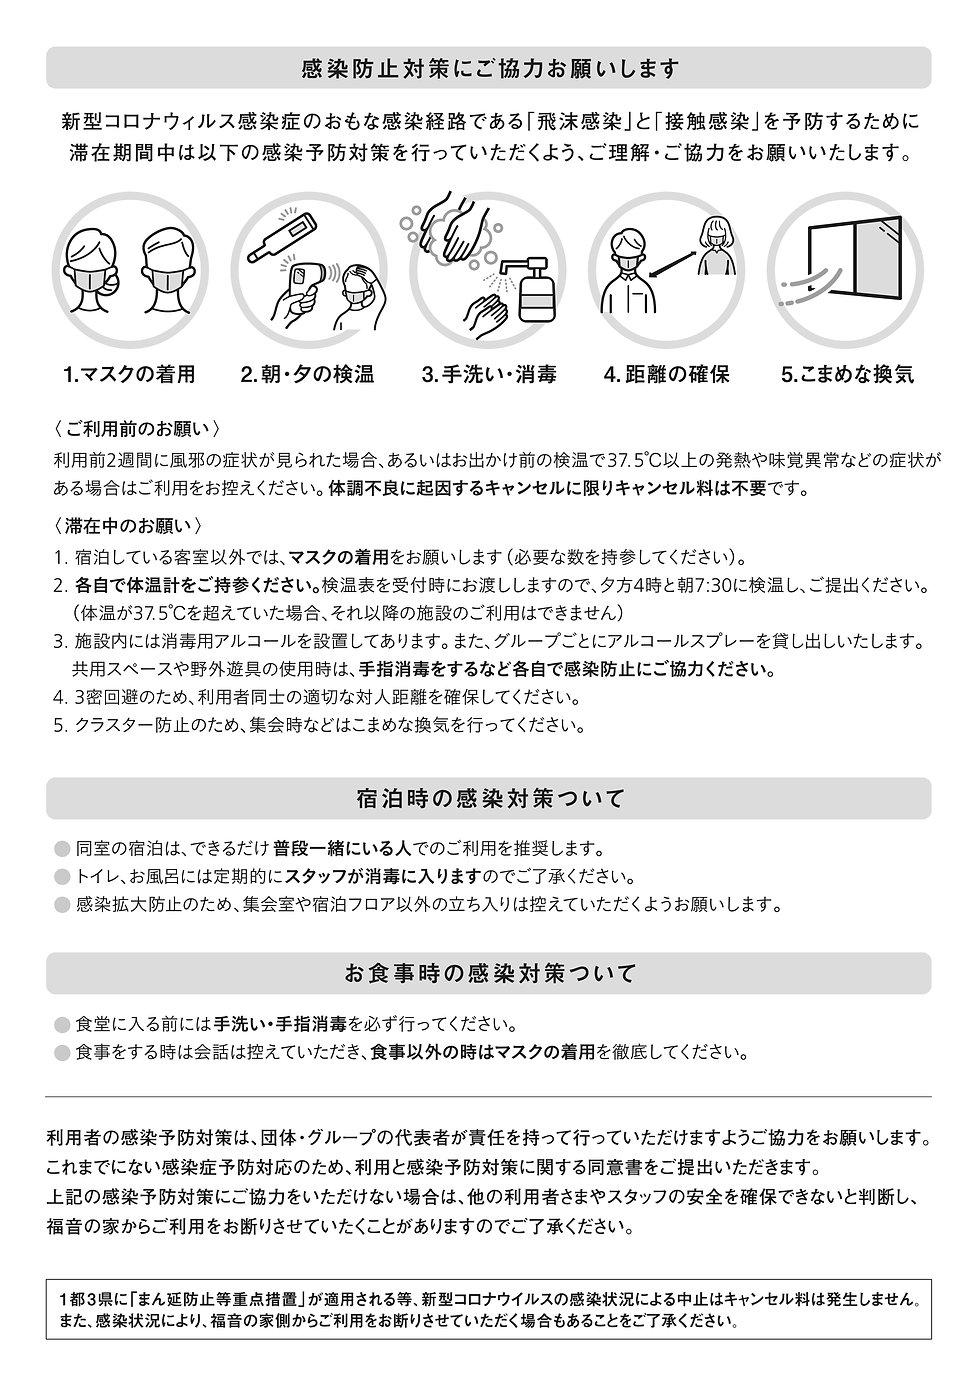 saikai_kinder_02.jpg